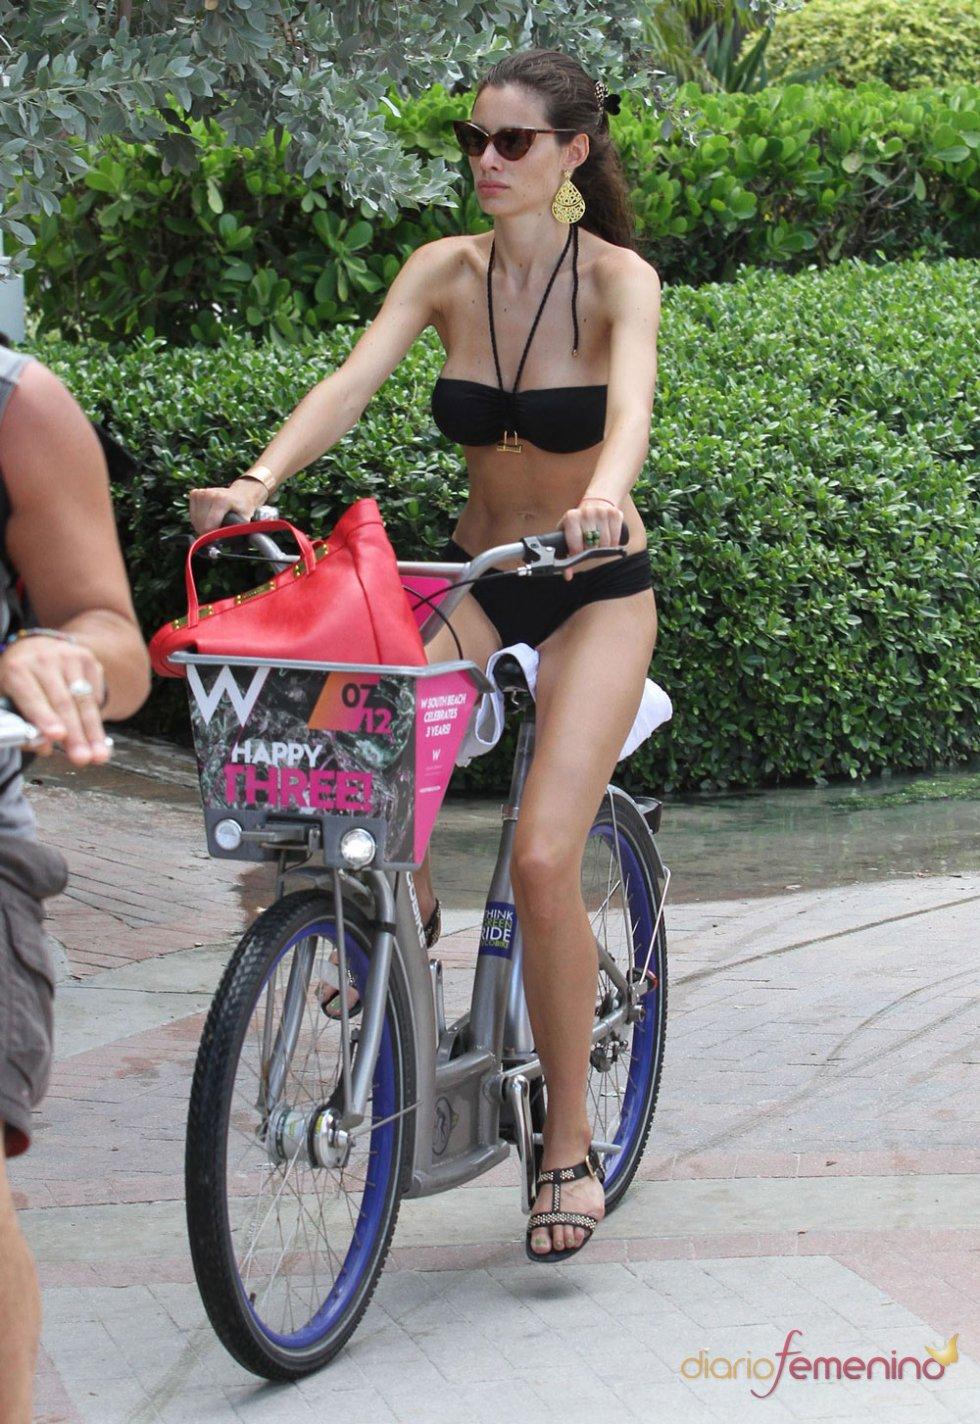 Marica Pellegrinelli en bici durante sus vacaciones de 2012 en Miami